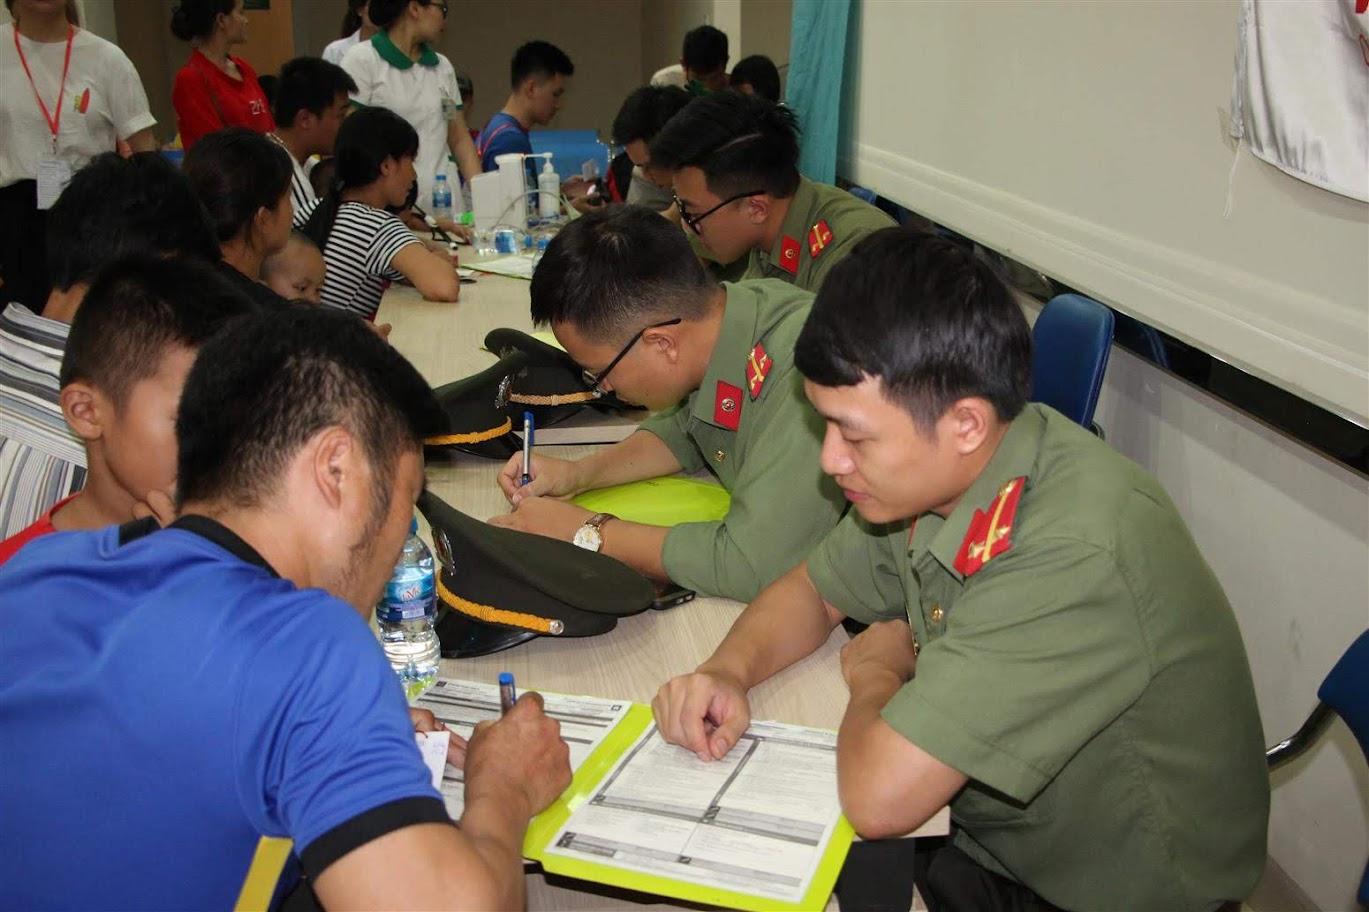 Đoàn viên thanh niên Phòng An ninh đối ngoại, giúp đỡ người nhà bệnh nhân khai báo thông tin ban đầu